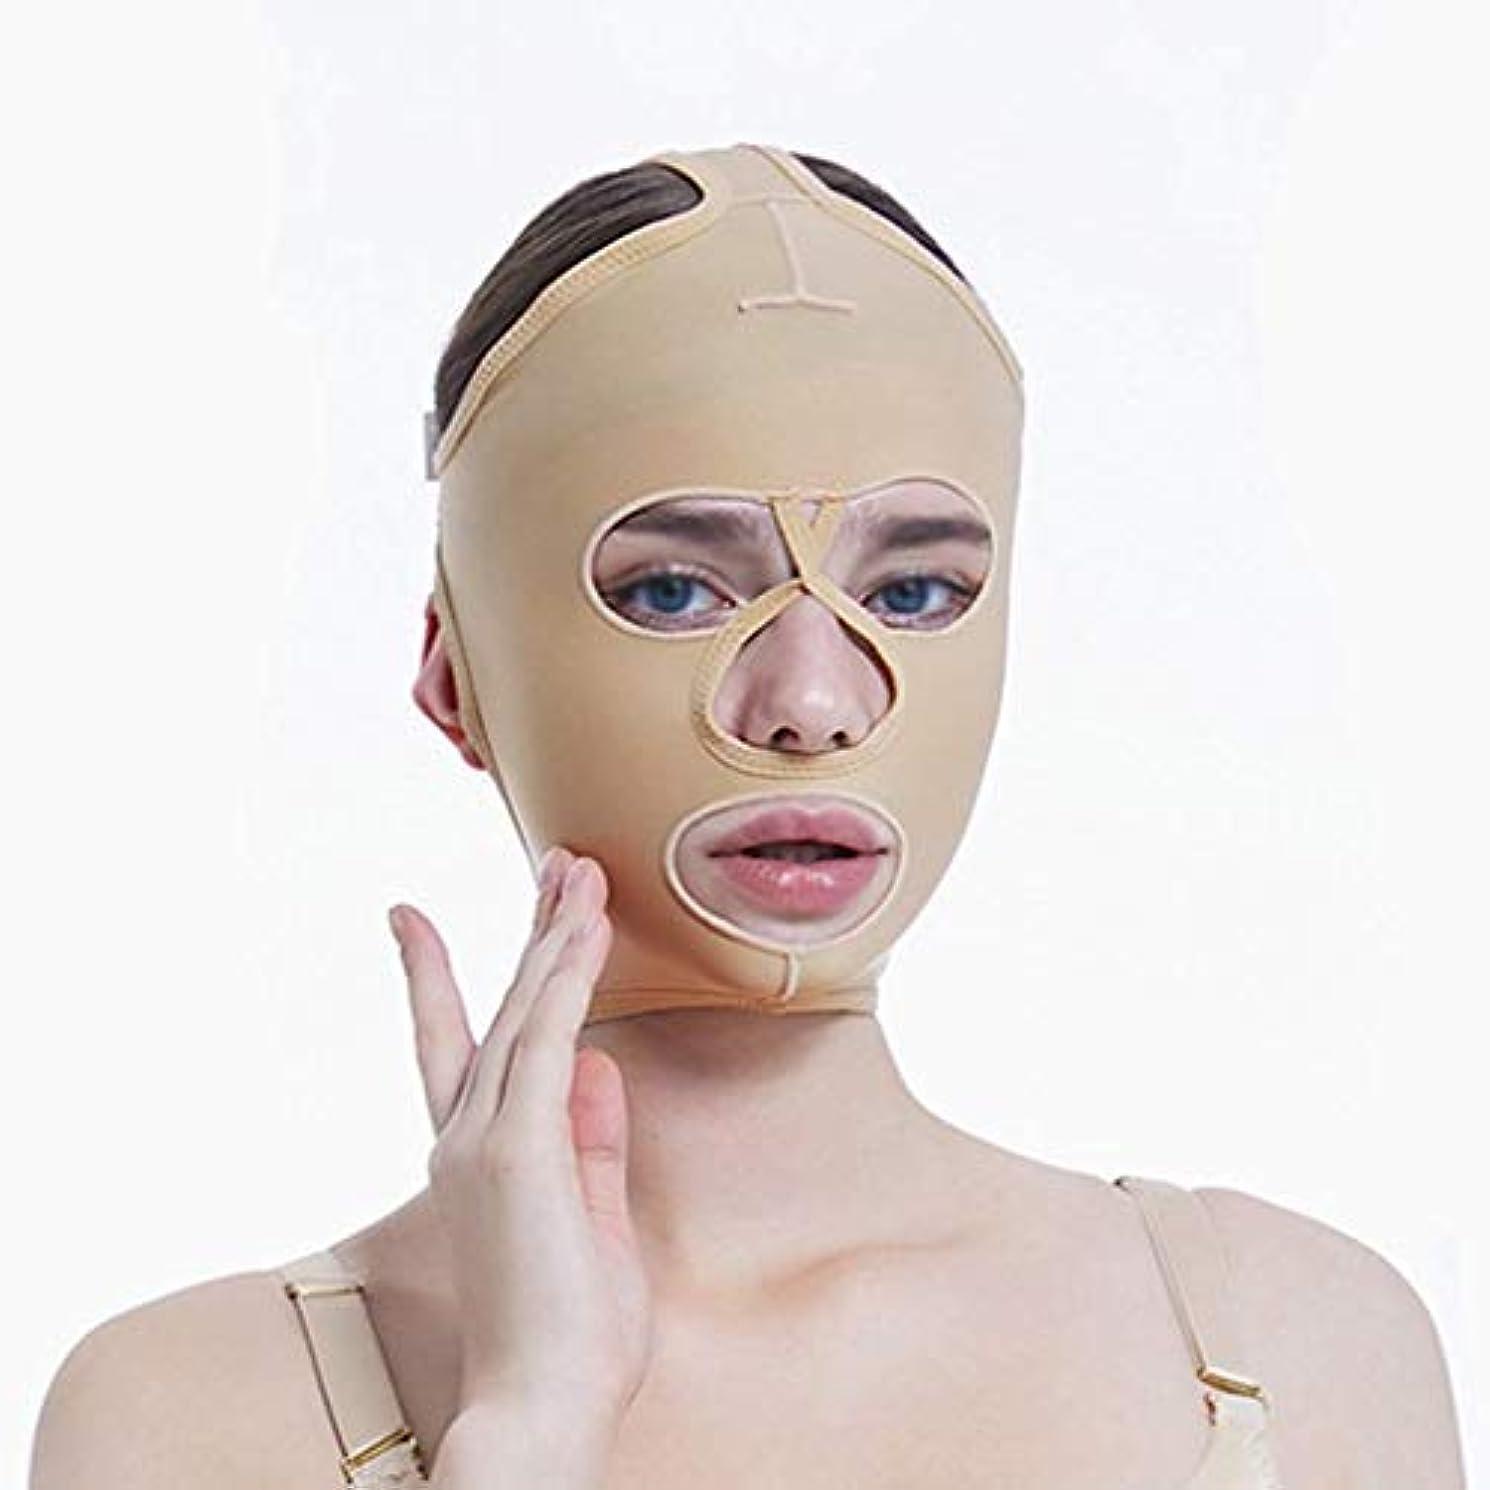 つかの間キャンディーマークダウンチンリフティングベルト、超薄型ベルト、引き締めマスク、包帯吊り、フェイスリフティングマスク、超薄型ベルト、通気性(サイズ:L),ザ?